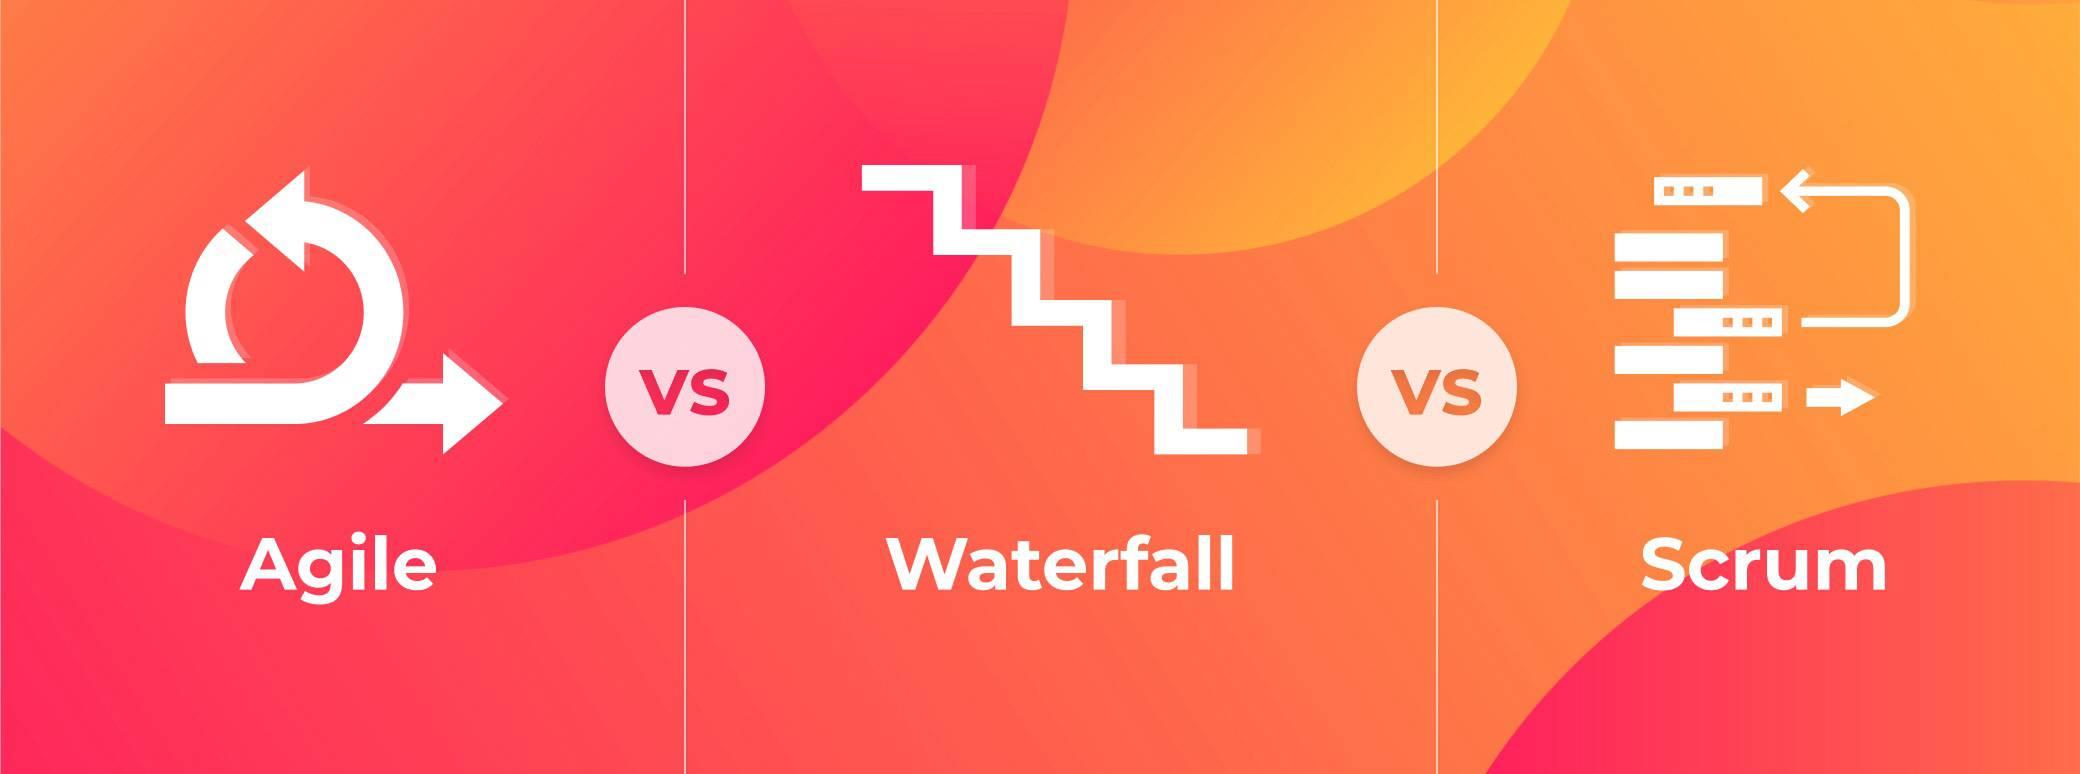 agile-waterfall-scrum image